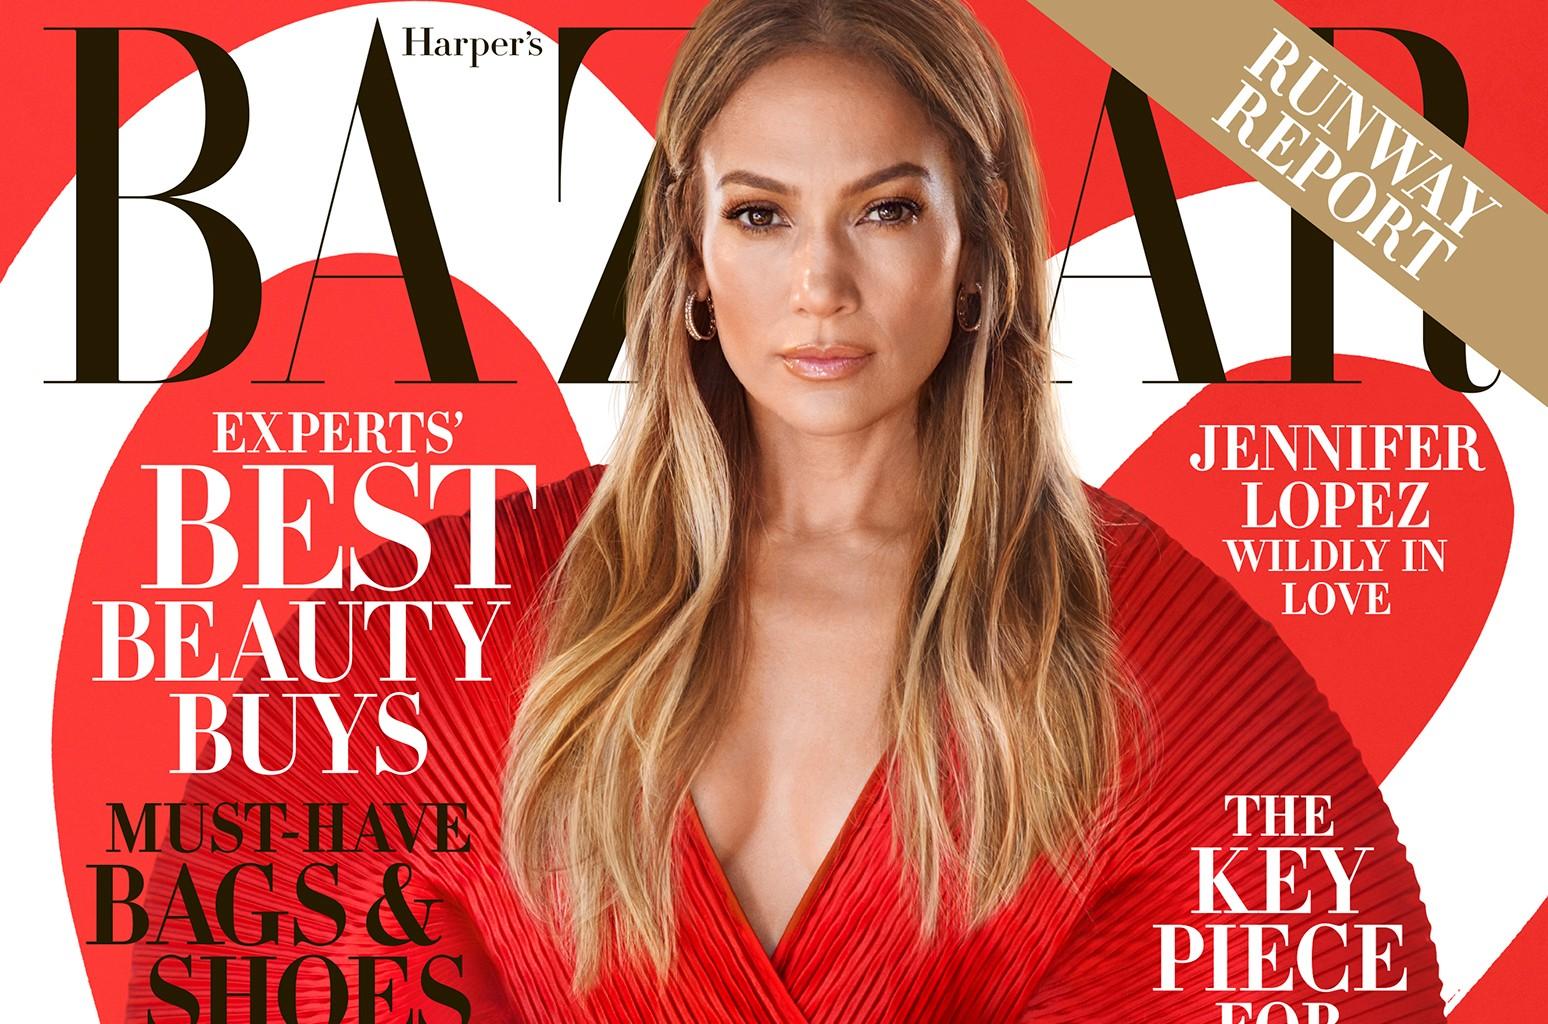 Jennifer Lopez Harpers Bazaar